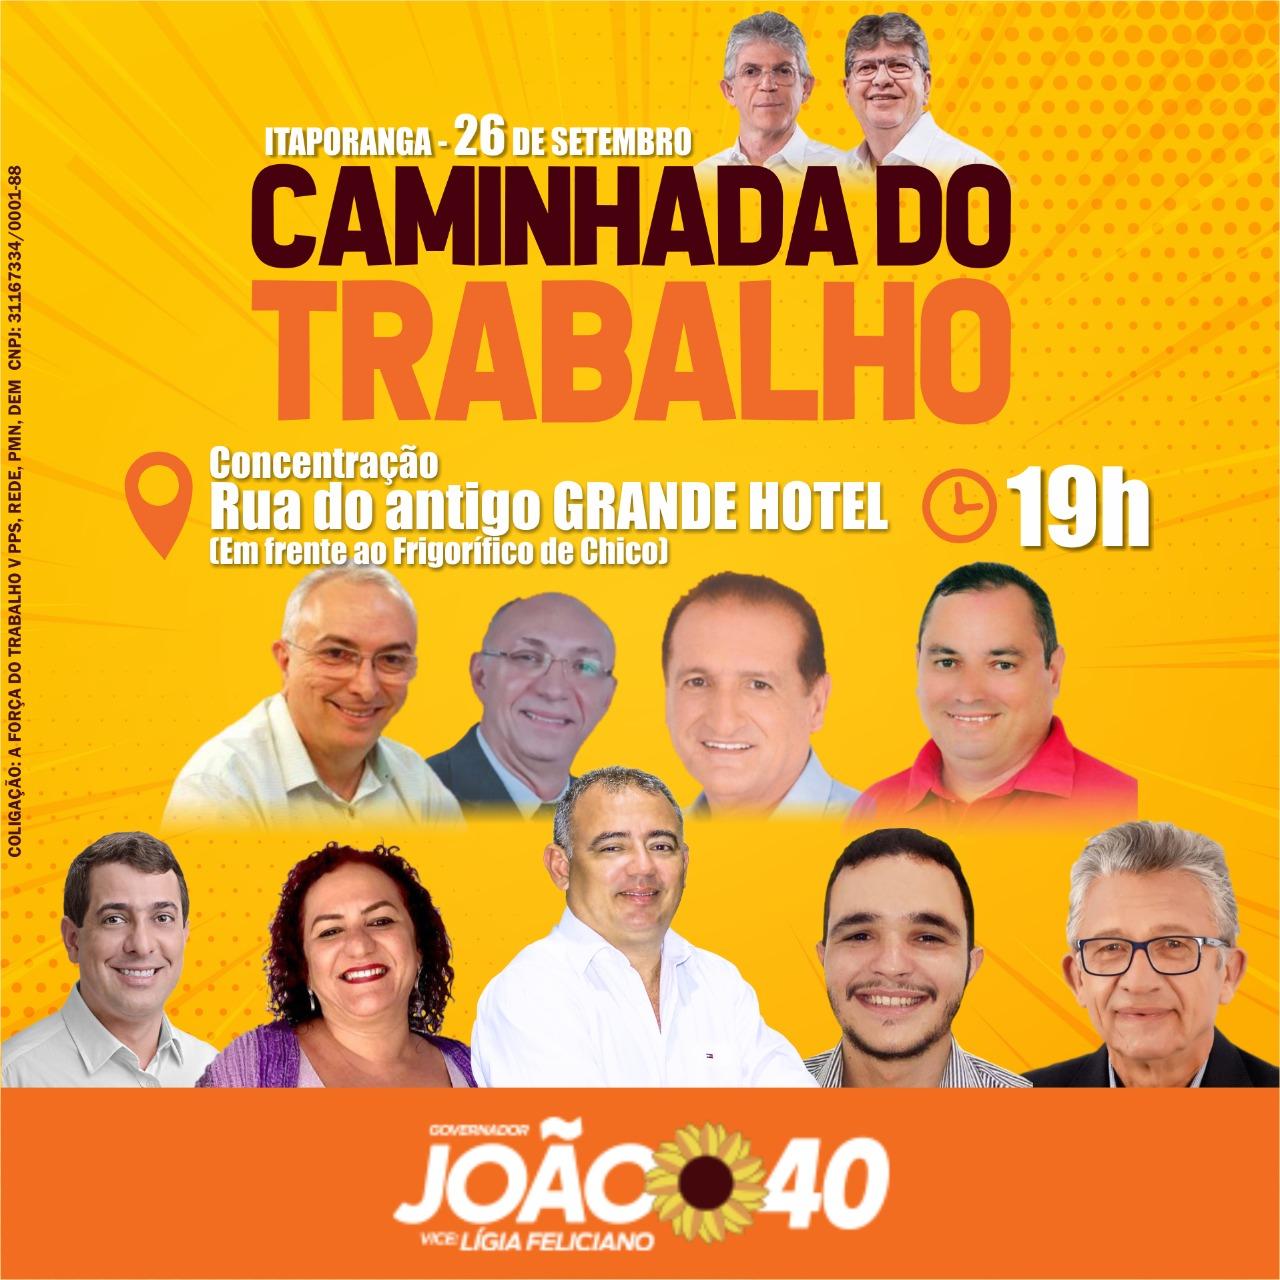 João e Ricardo realizam 'Caminhada do Trabalho' em Itaporanga nesta quarta